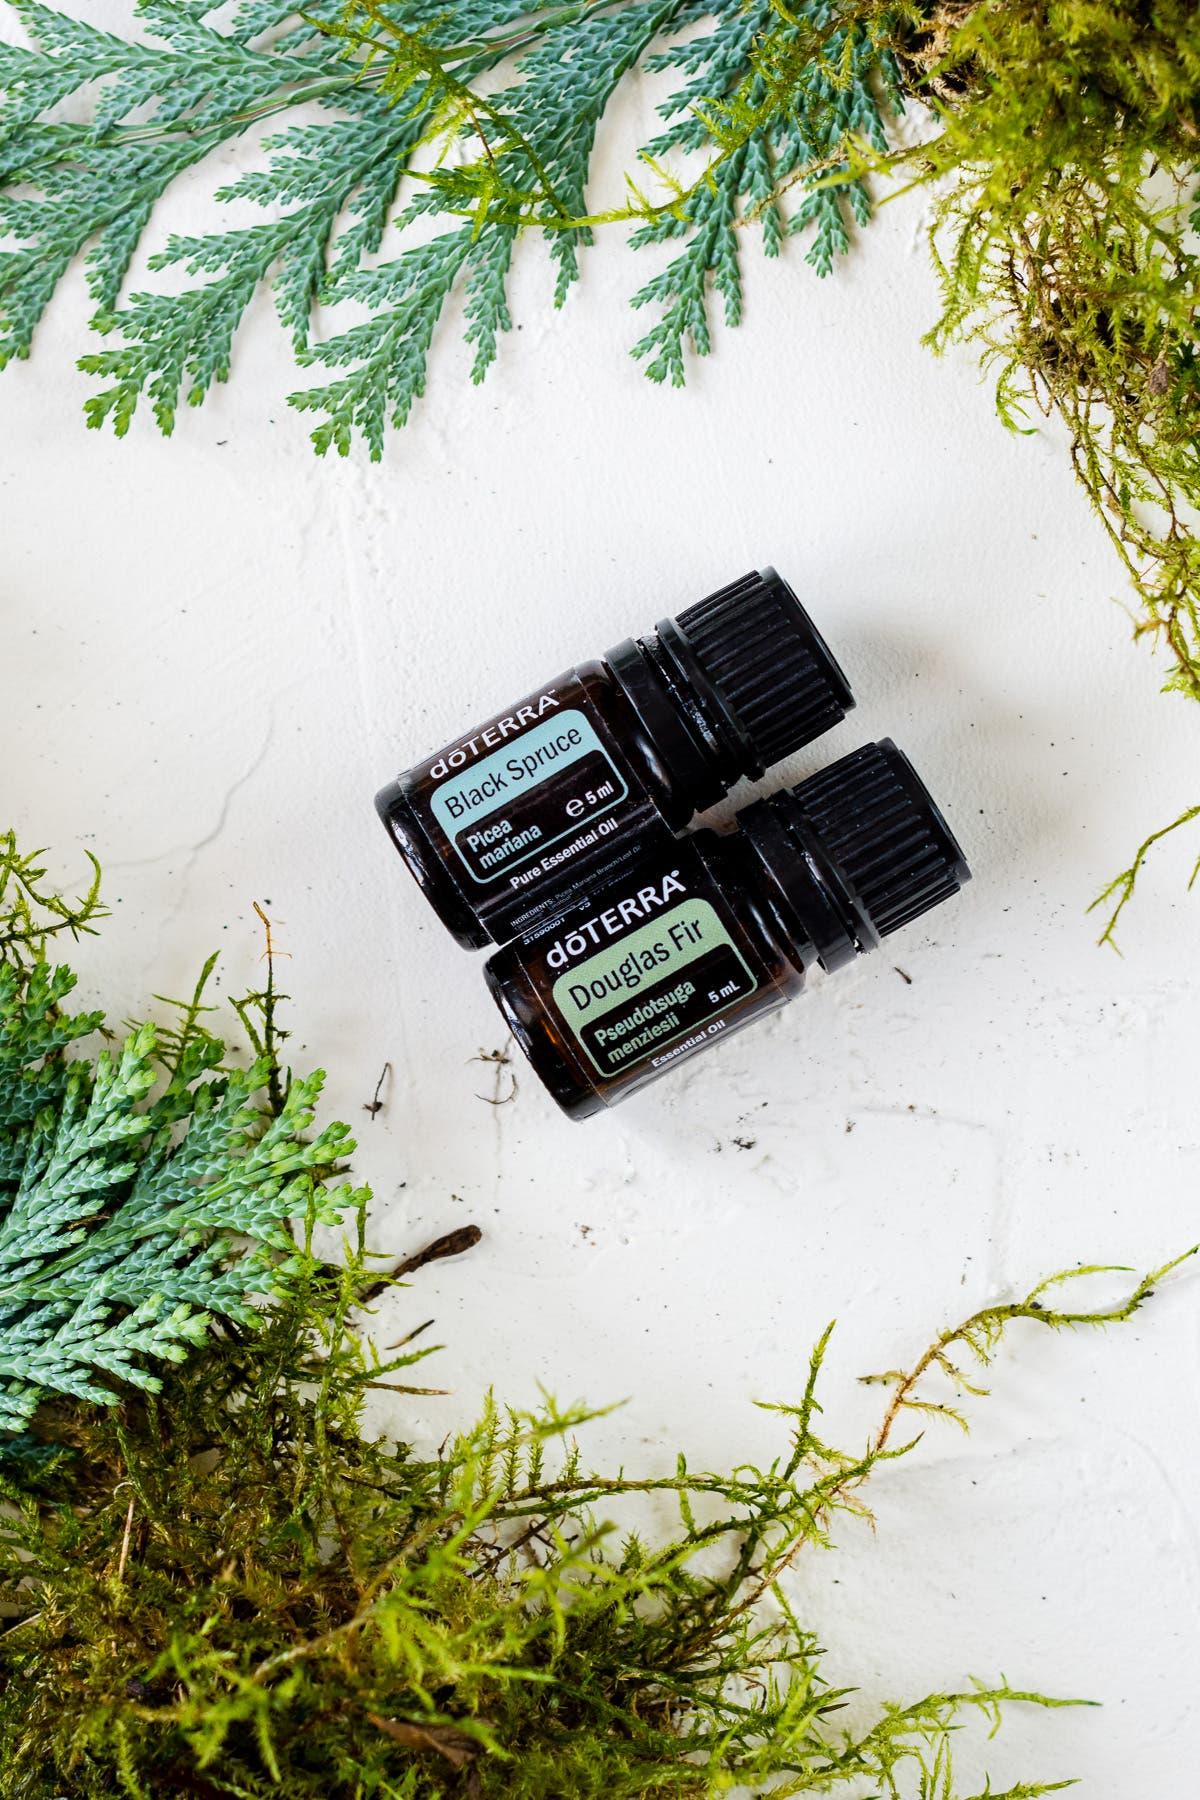 Zwei liegende Fläschchen ätherisches Öl - Black Spruce und Douglas Fir